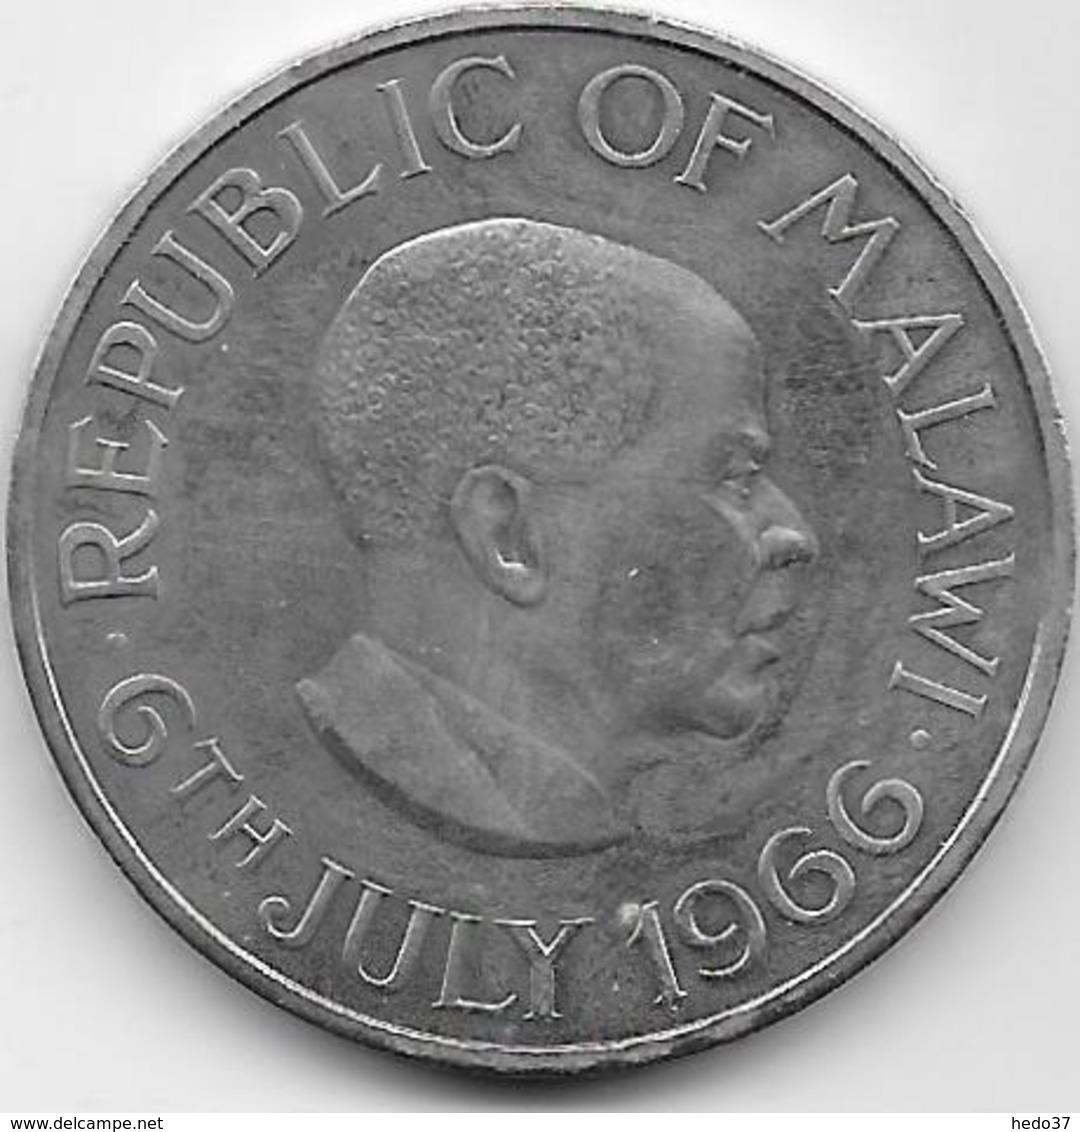 Malawi - 1 Crown - 1966 - Malawi